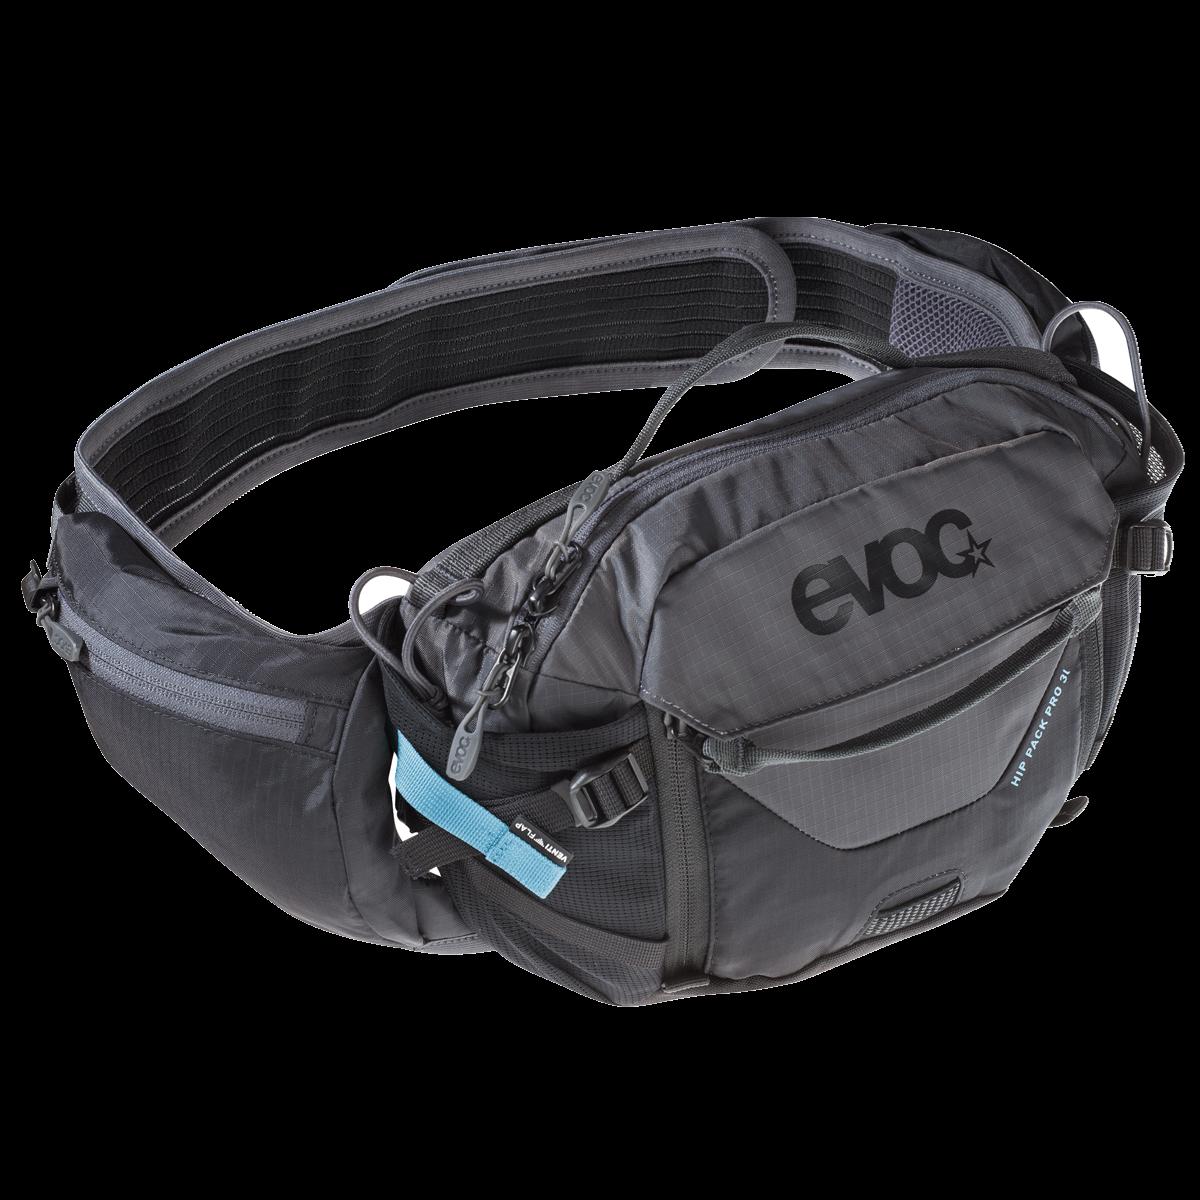 Evoc Hip Pack Pro 3L   waist bag